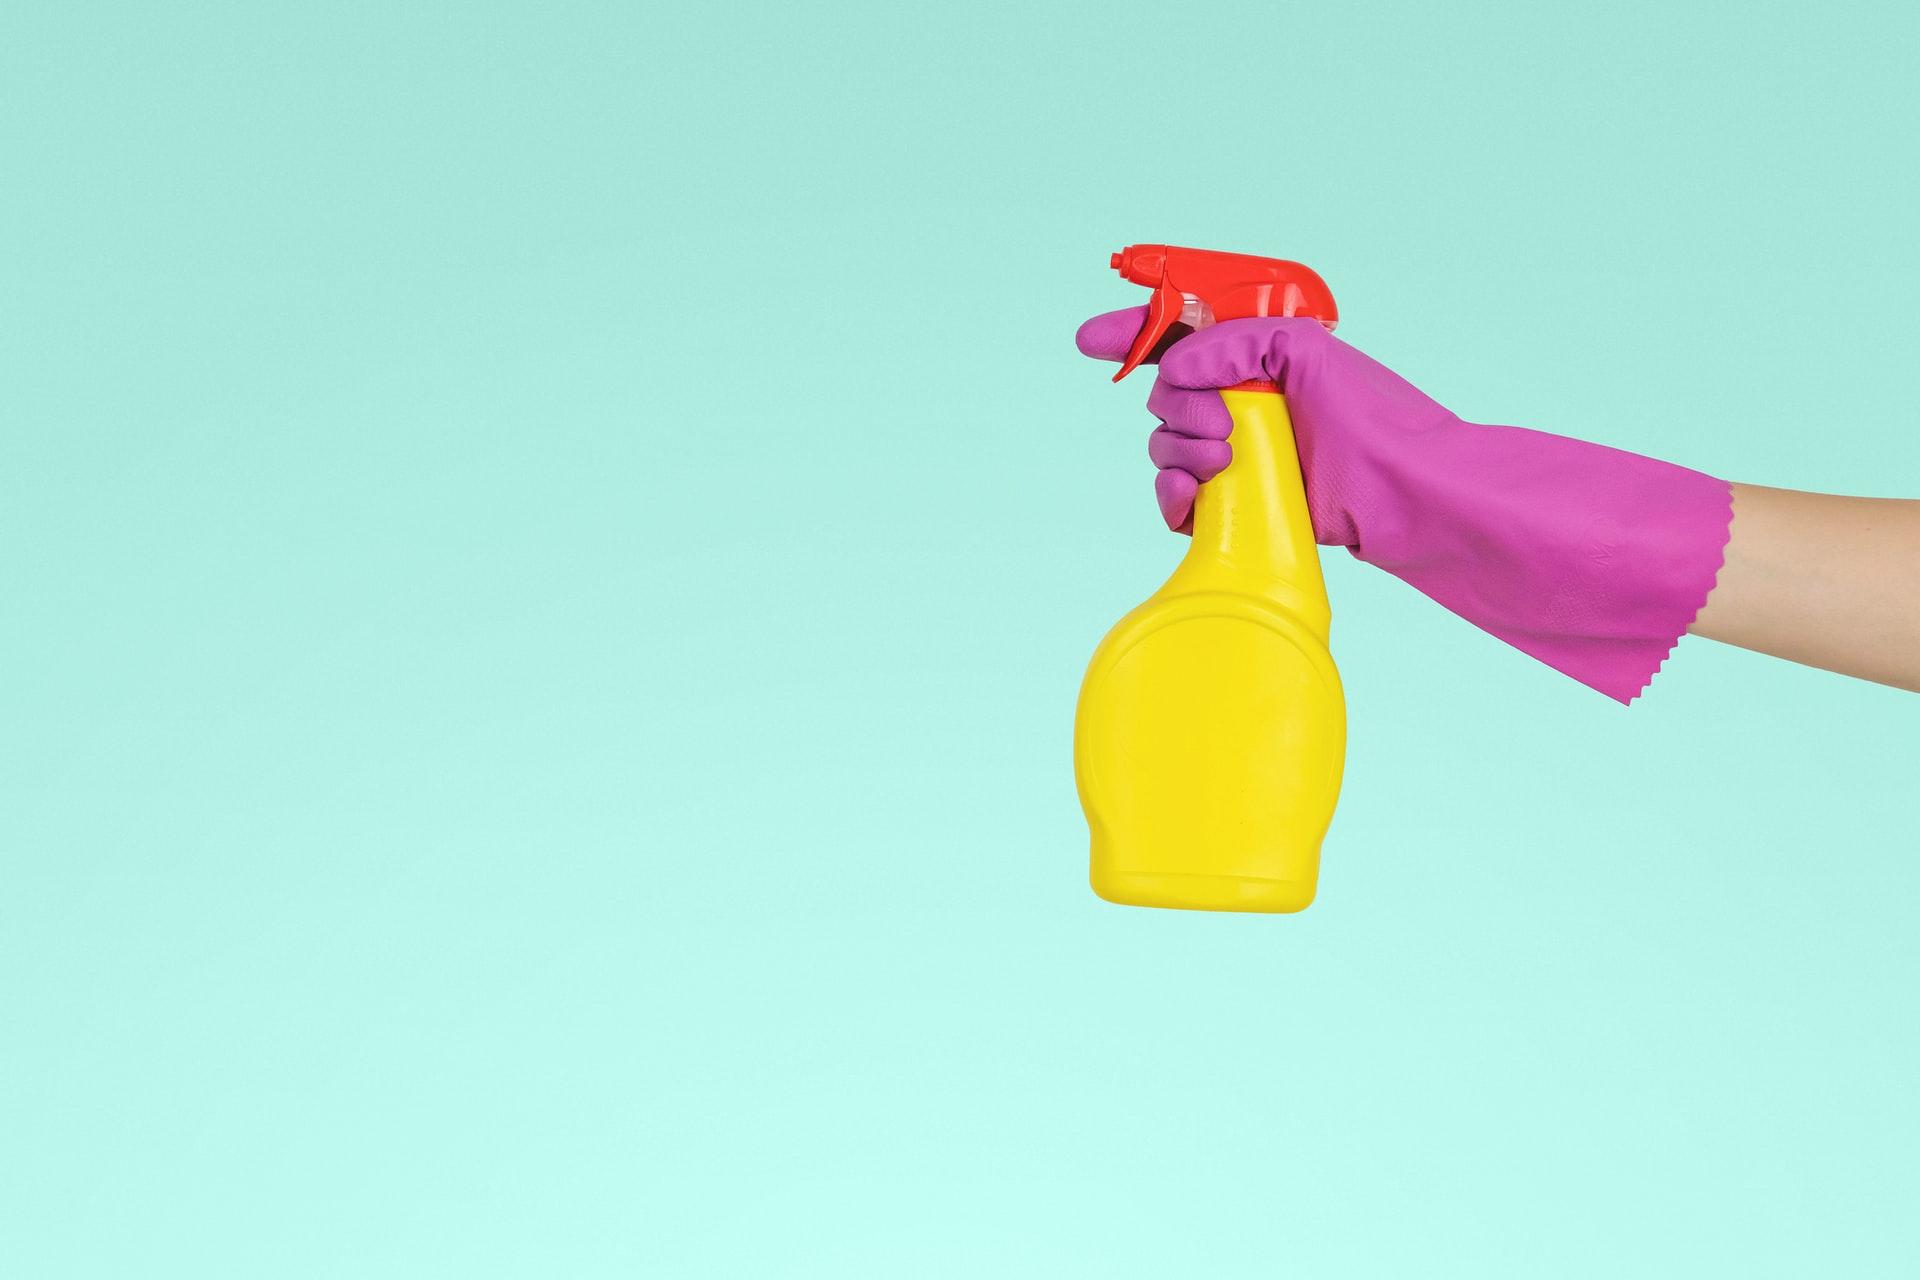 Бытовая химия оптом: какой поставщик заслуживает доверия